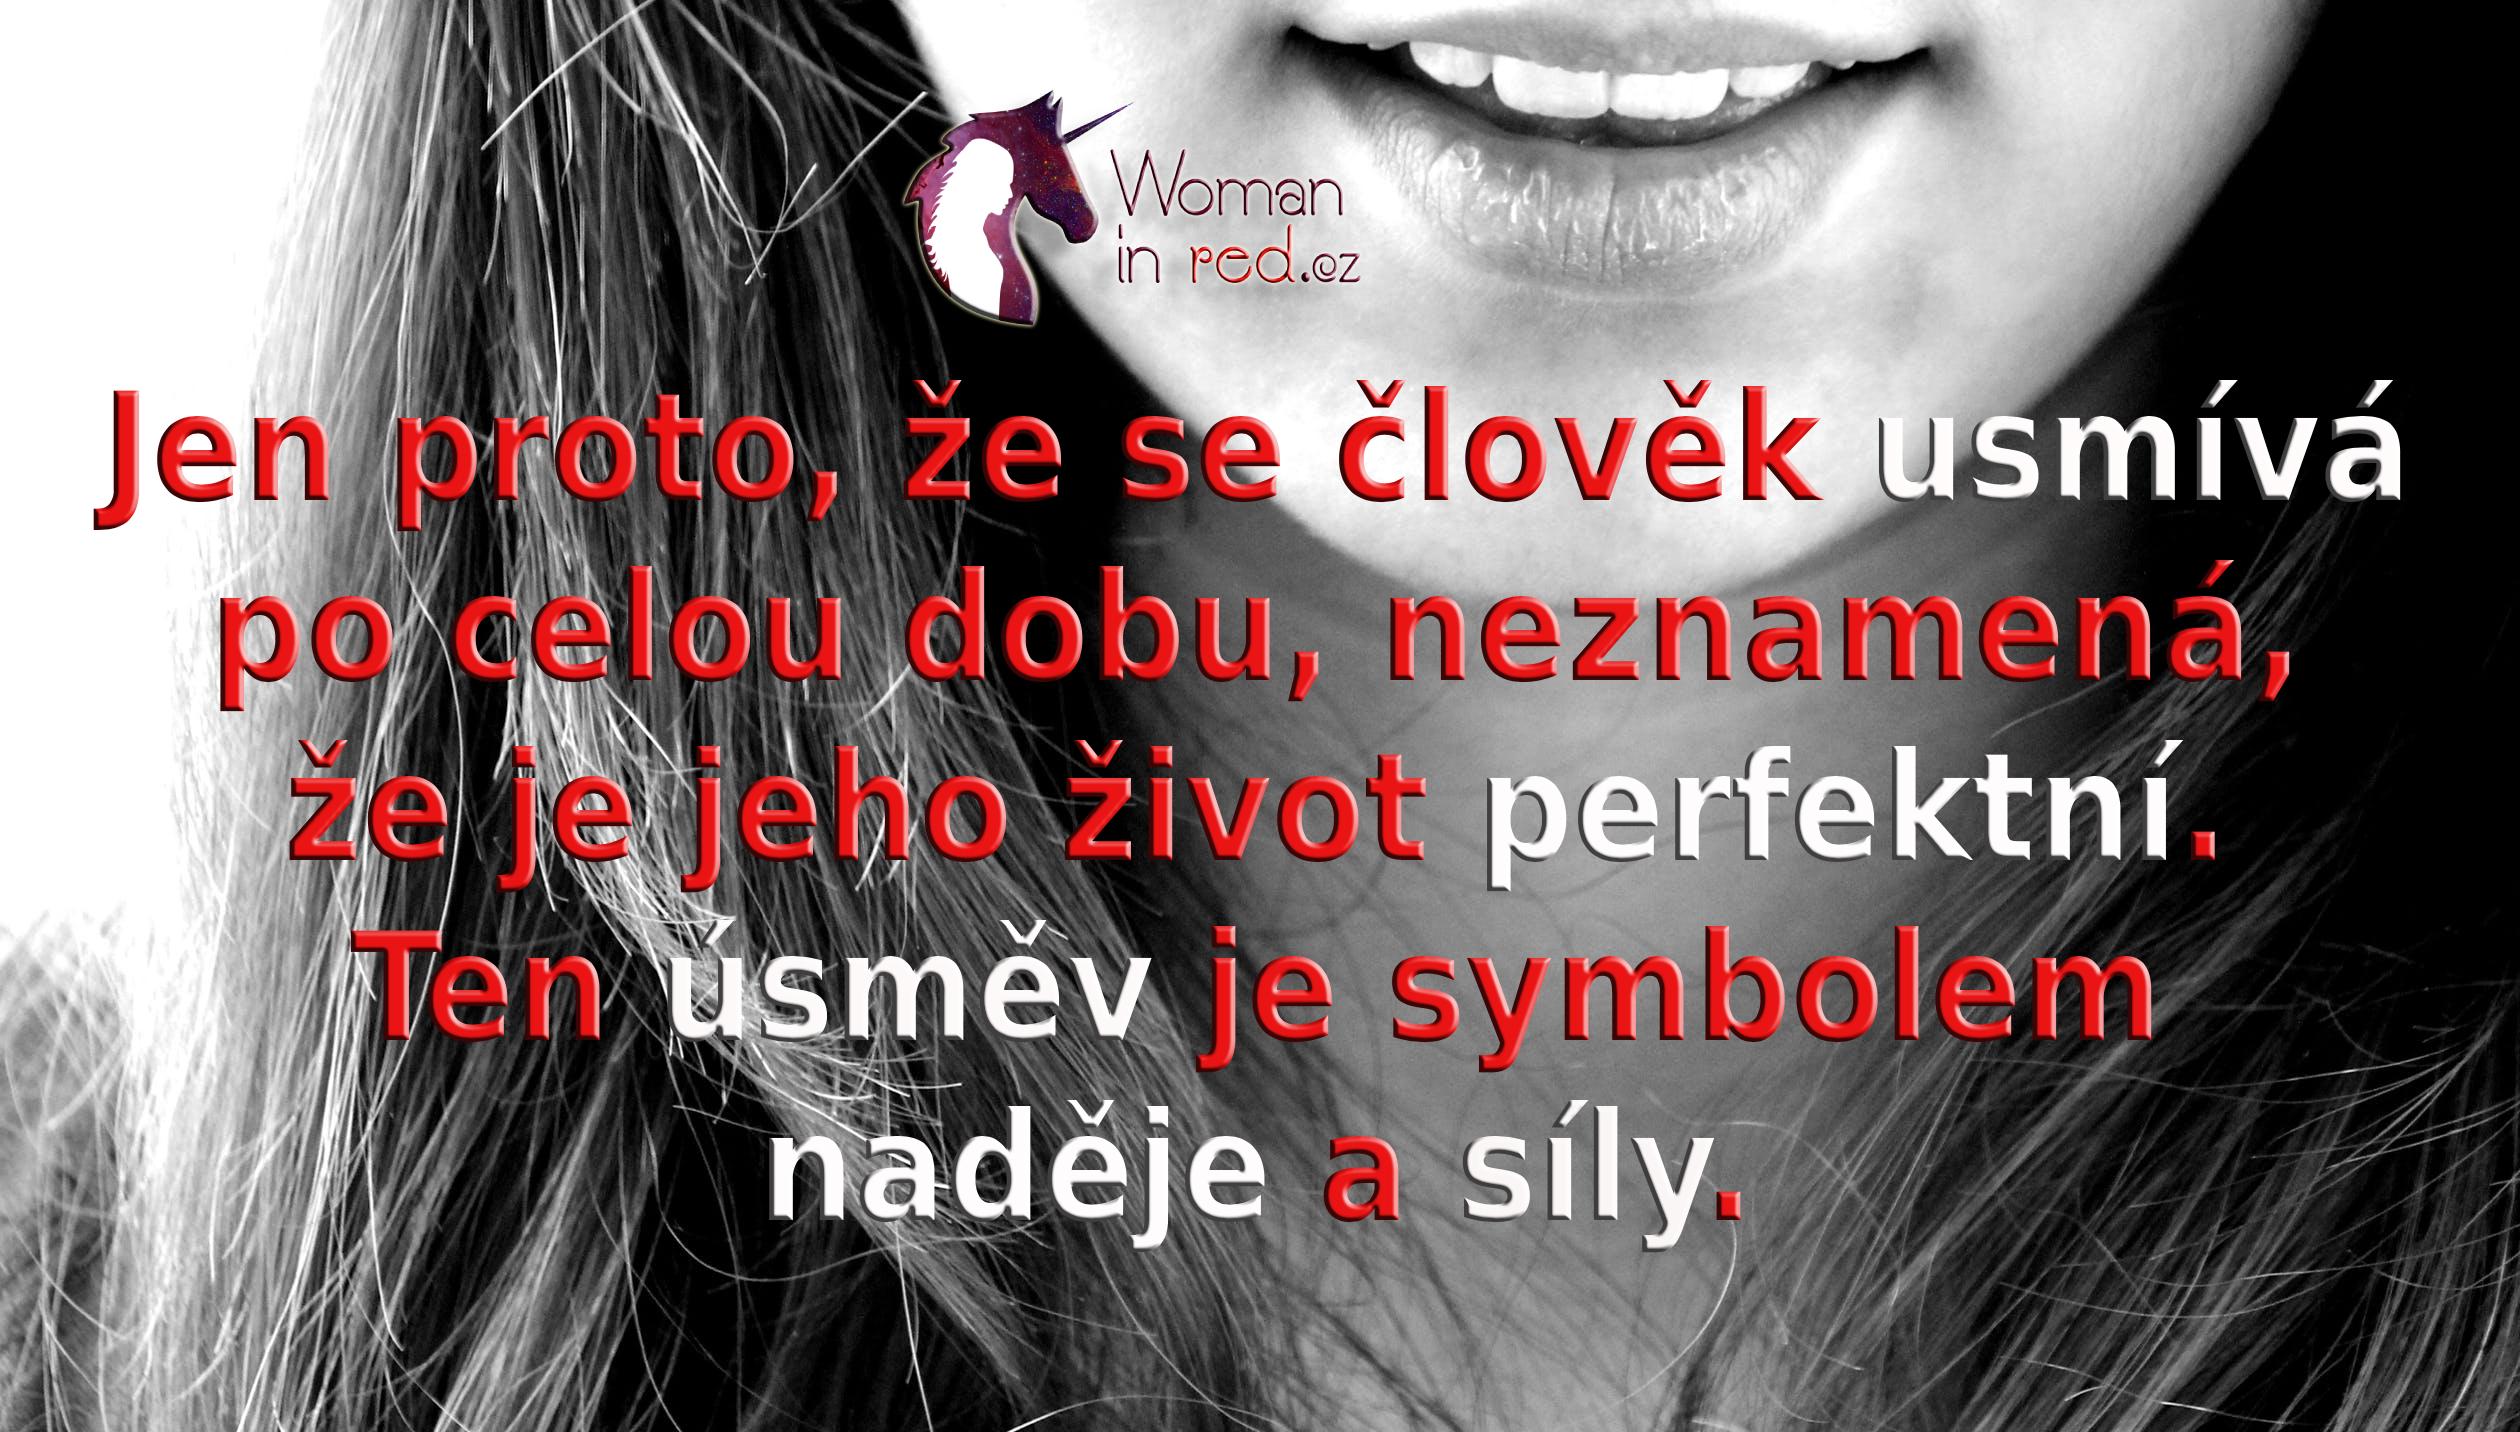 smile-laugh-girl-teeth-69833.jpg